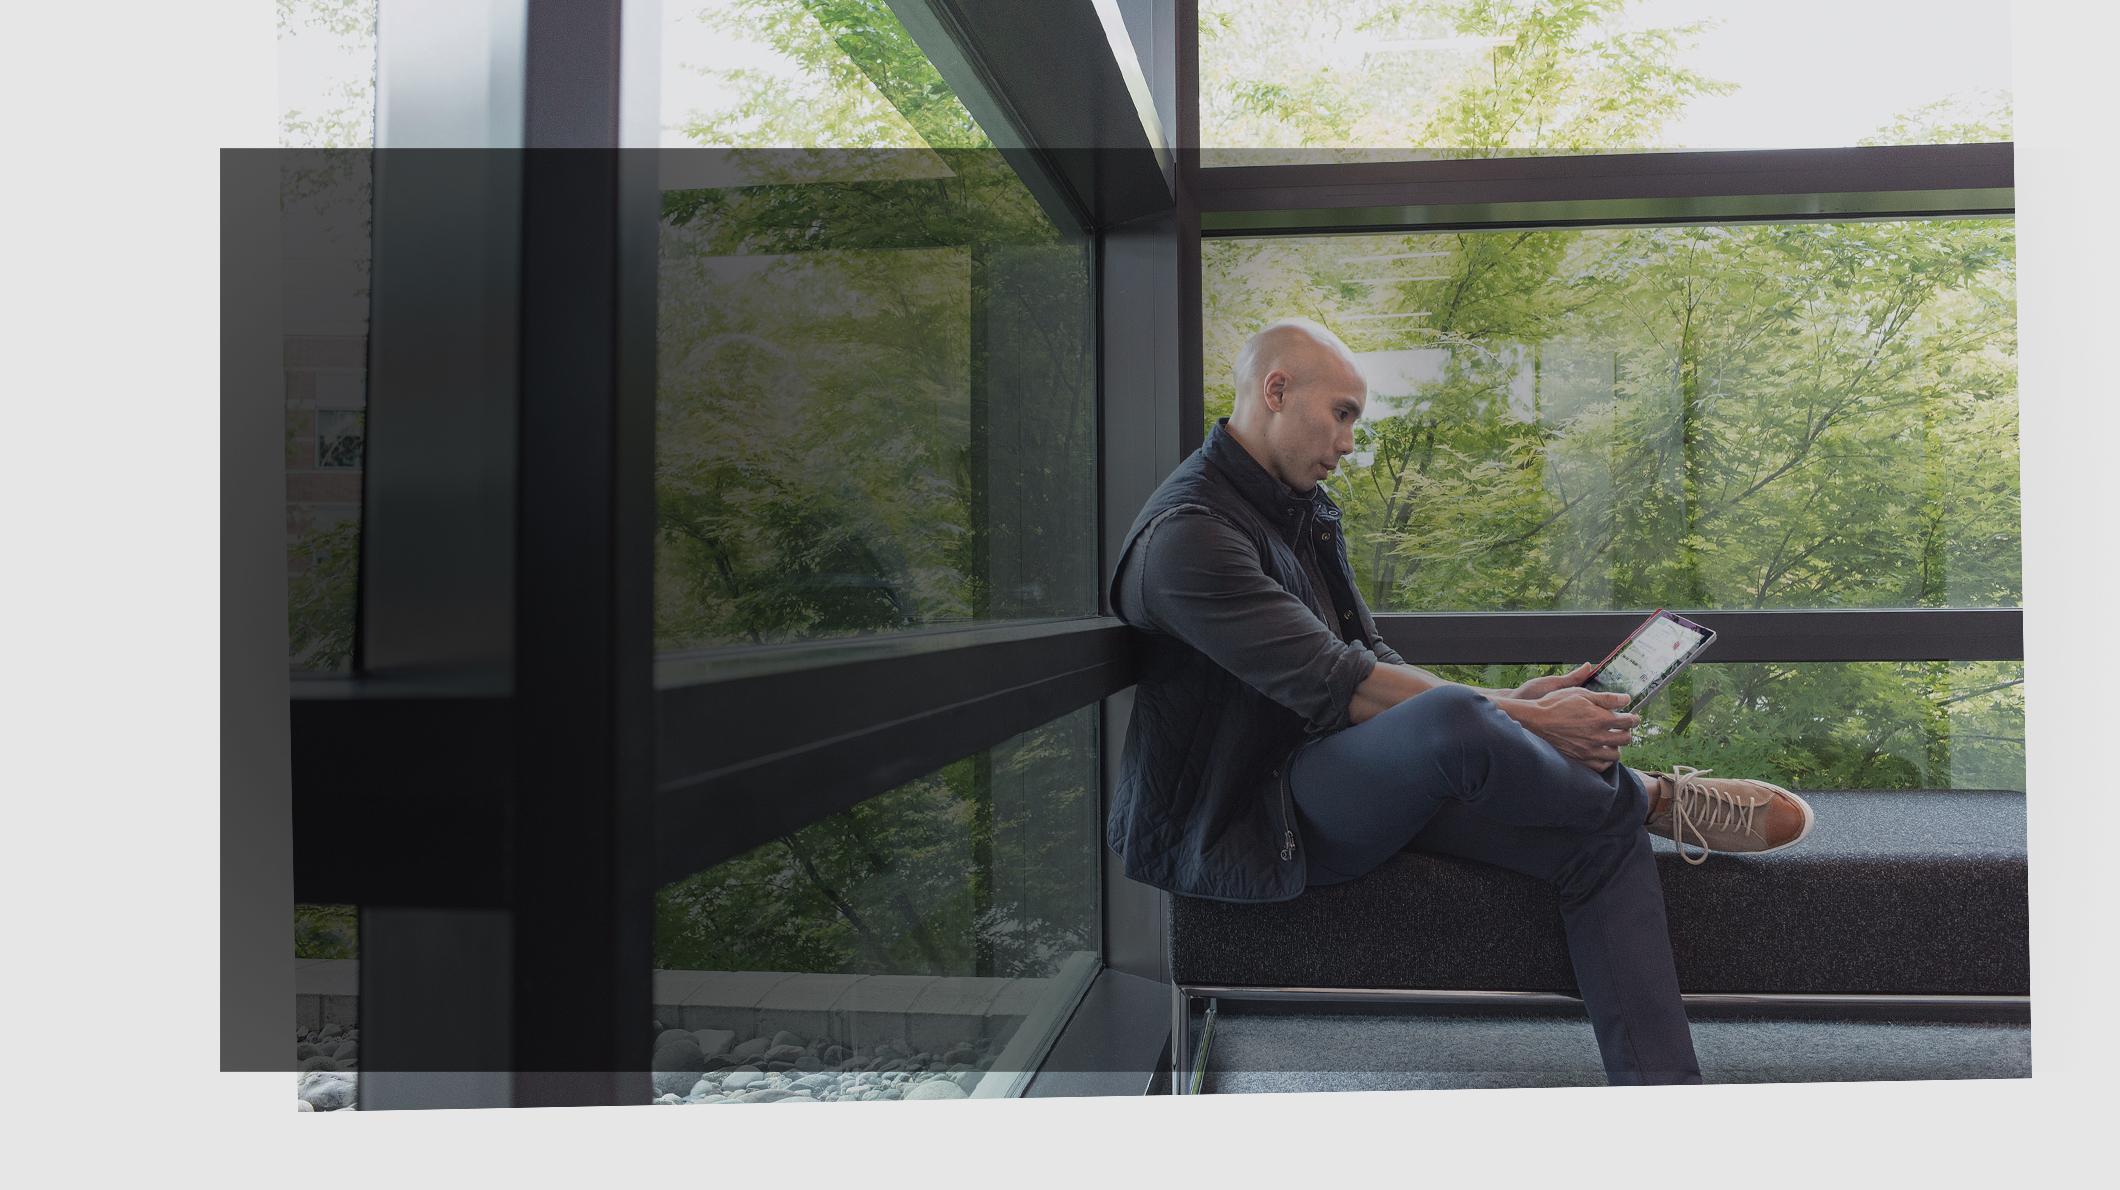 Un bărbat stă pe o bancă, se uită la un dispozitiv din mâinile sale